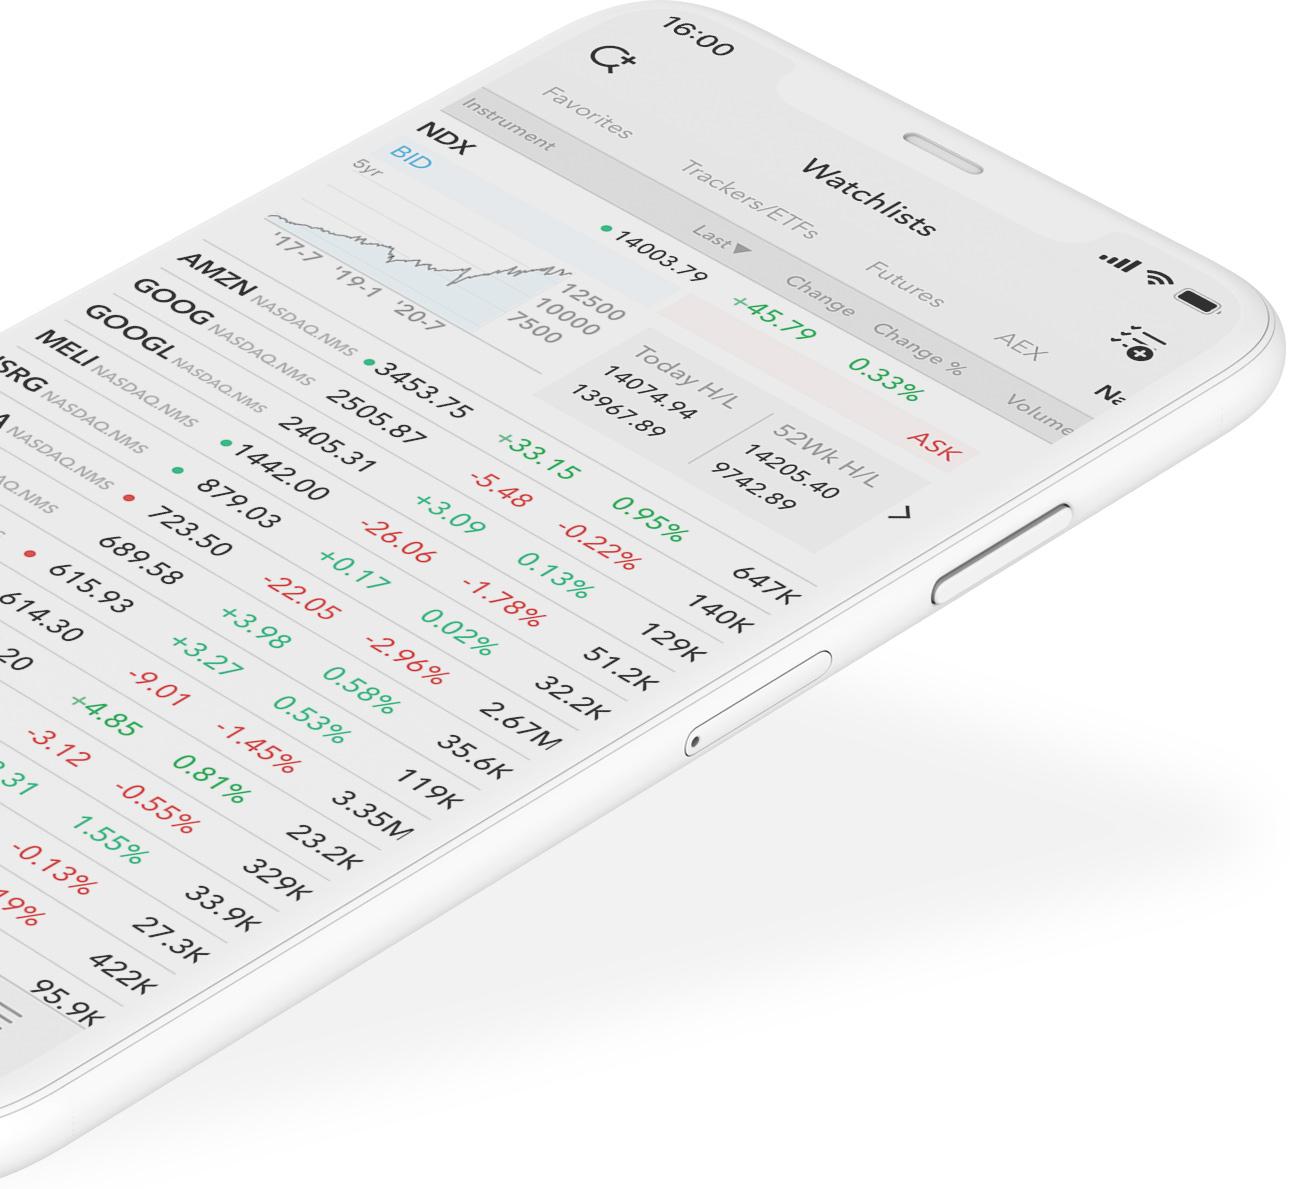 LYNX: Mobiilisovellukset aktiivisille sijoittajille